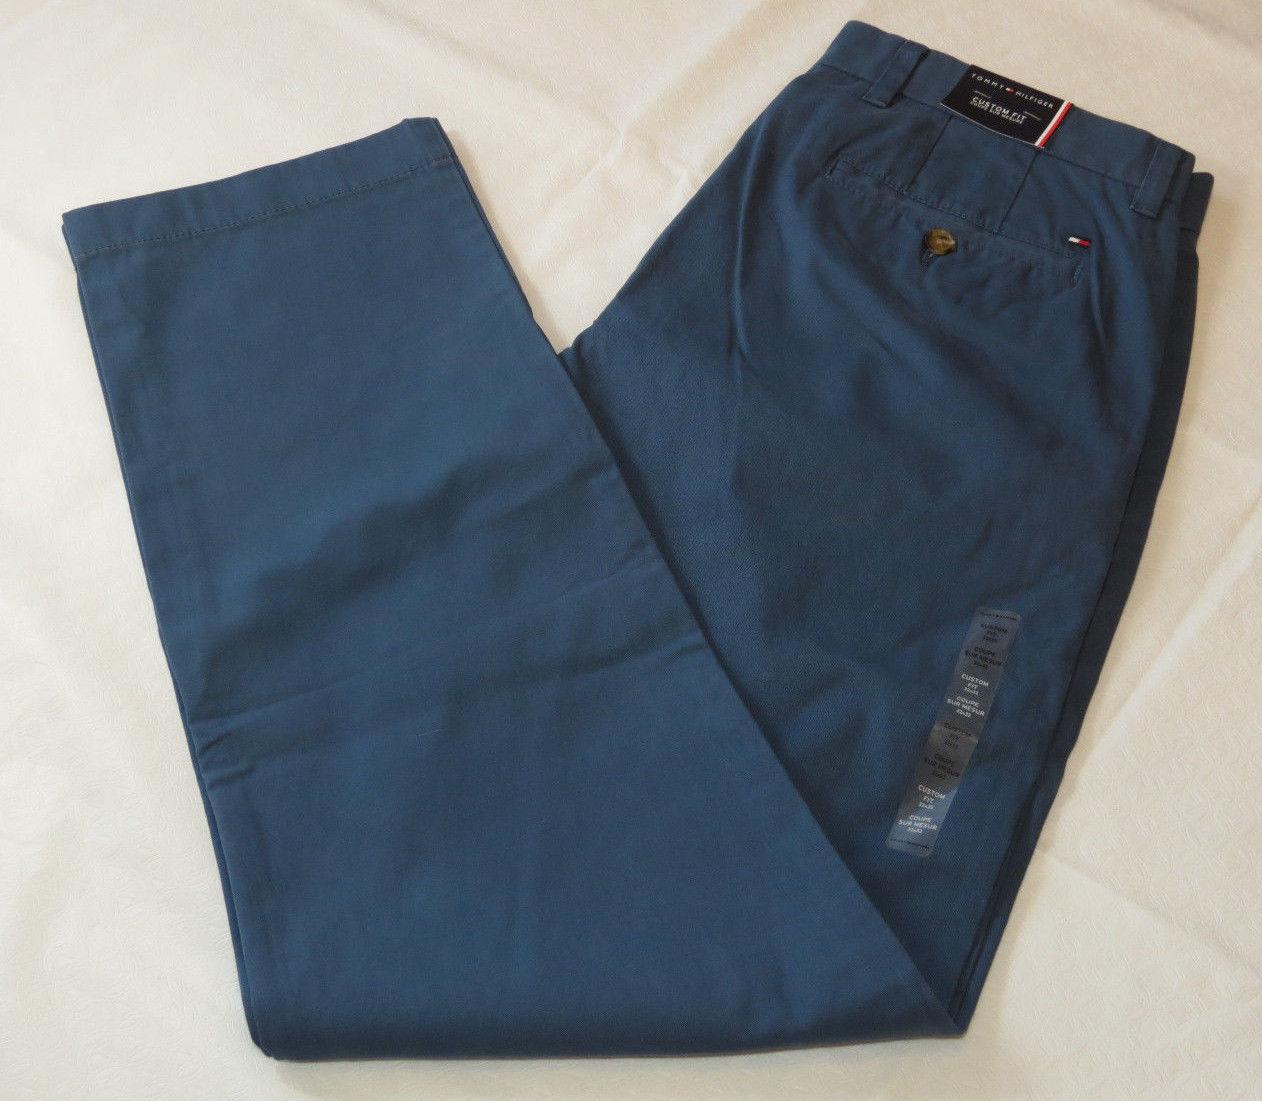 fbbca32f Men's Tommy Hilfiger pants 40 W 32 L custom and 50 similar items. S l1600